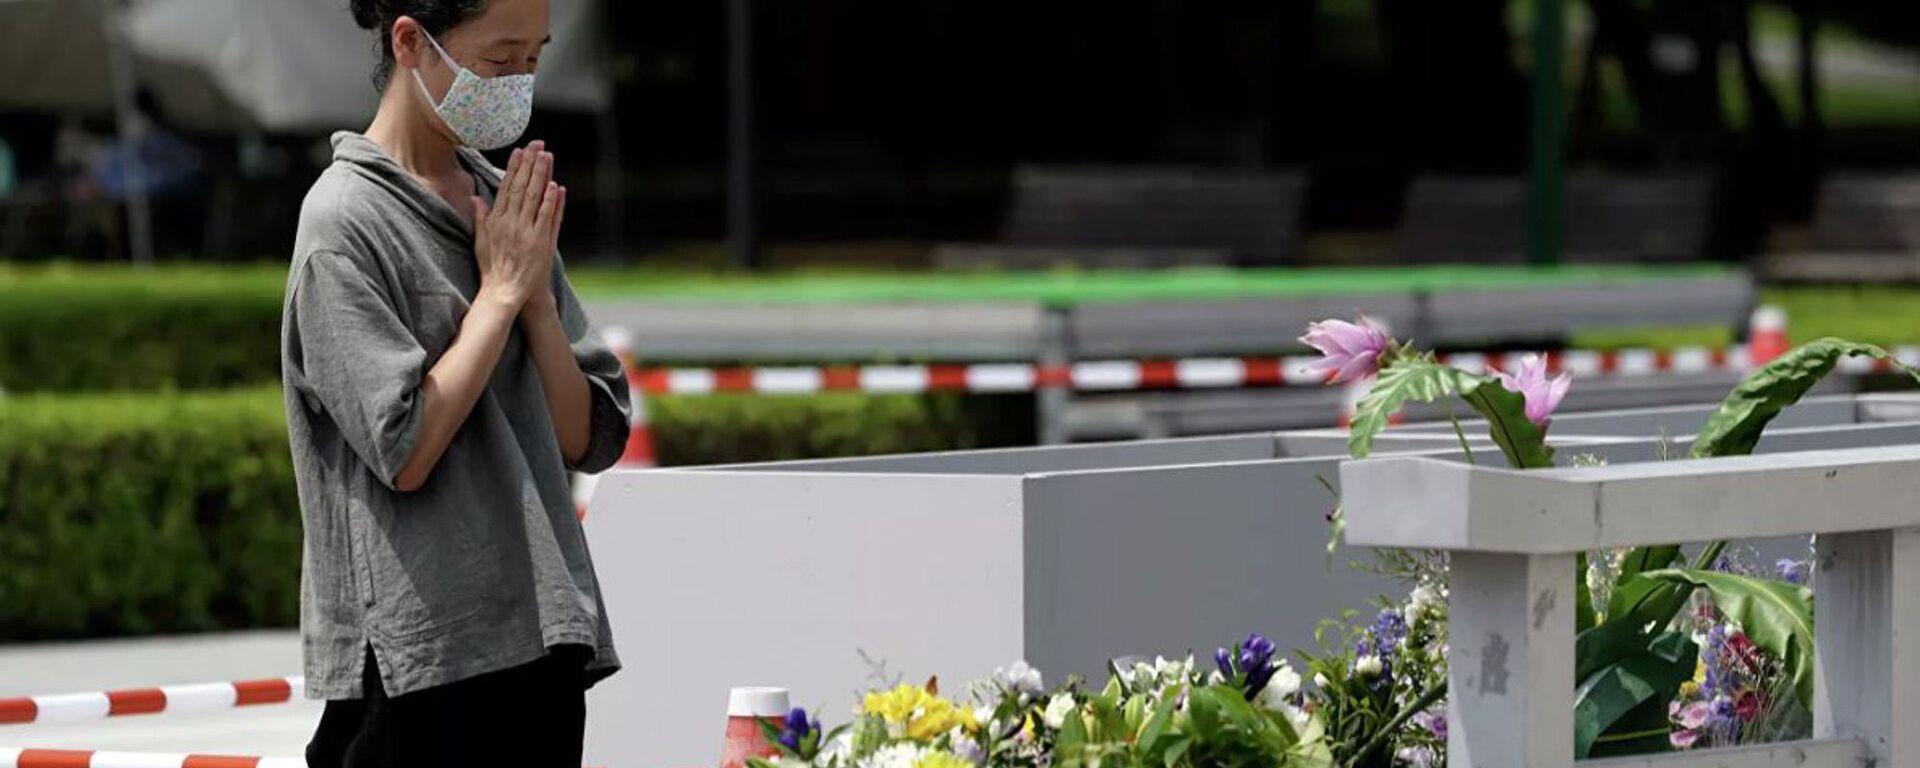 Женщина молится у памятника жертвам Хиросимы  - Sputnik Абхазия, 1920, 06.08.2020